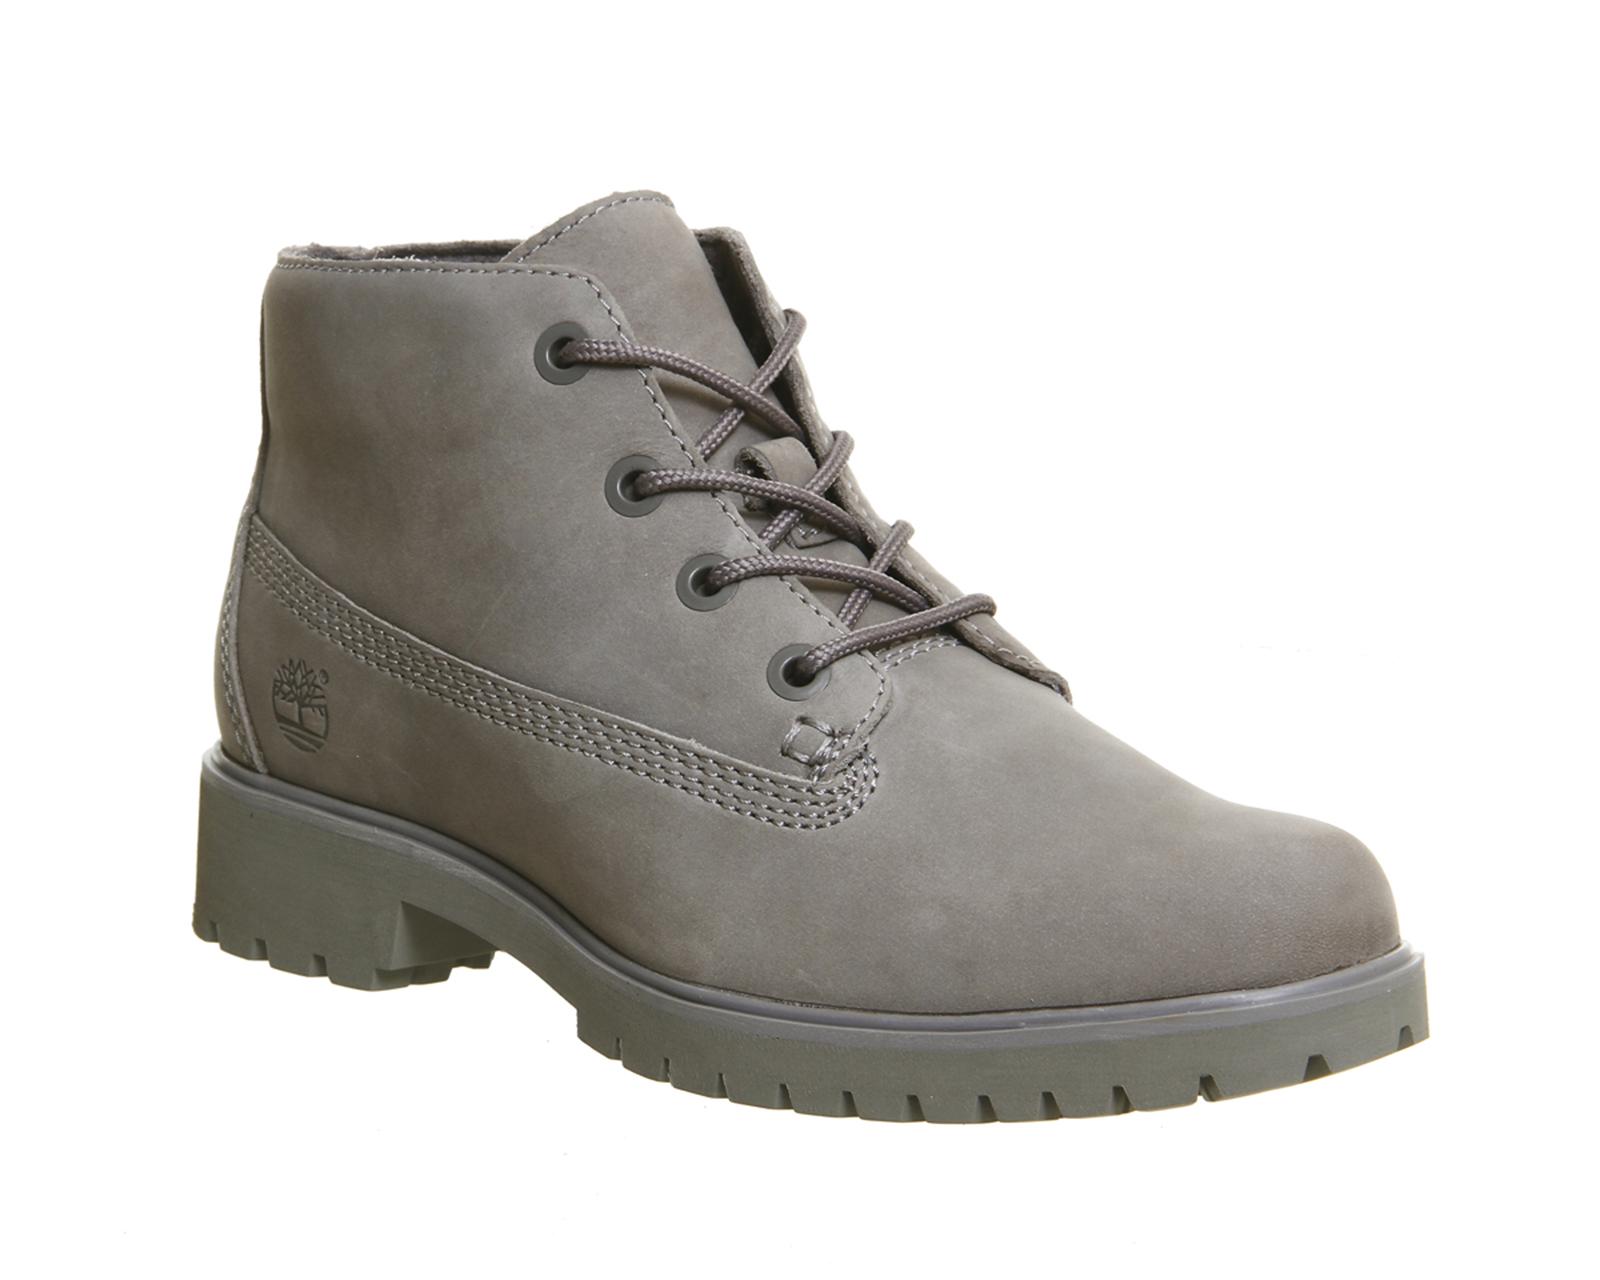 Lastest Clothes Shoes Amp Accessories Gt Women39s Shoes Gt Boots